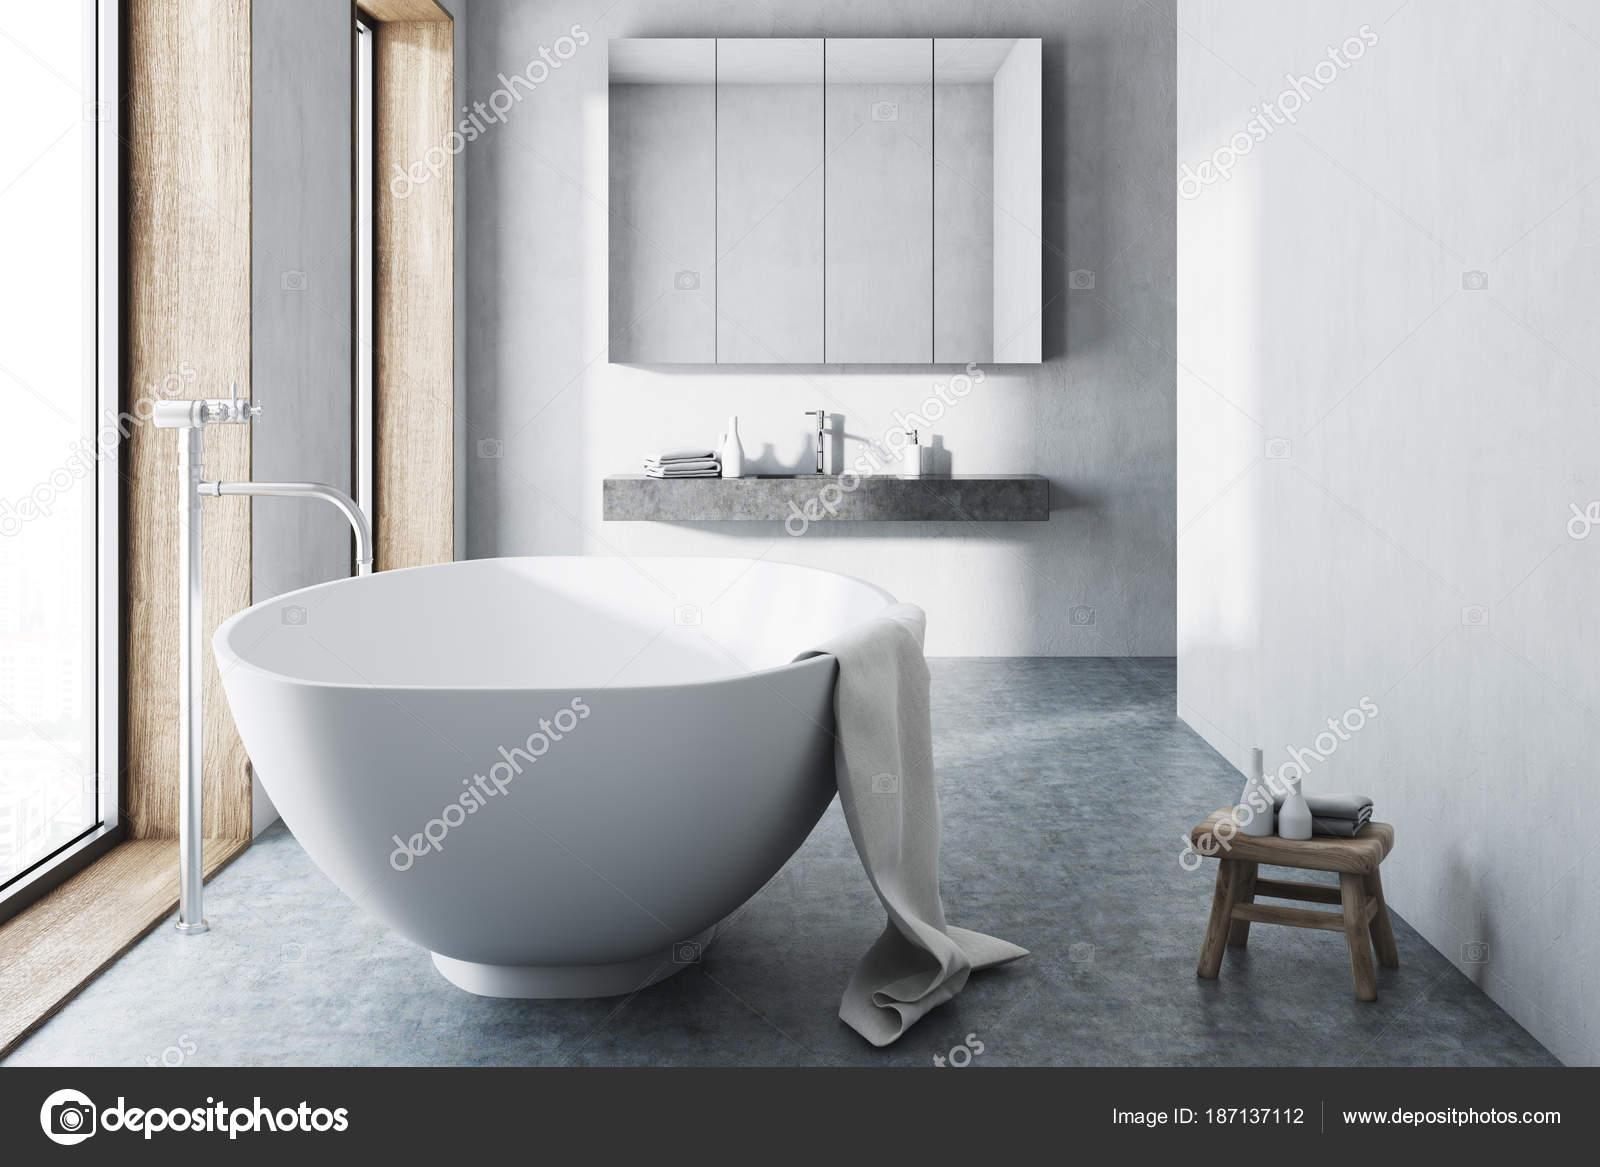 Vasca Da Bagno In Cemento : Vasca da bagno bianco bianco pavimento in cemento u foto stock